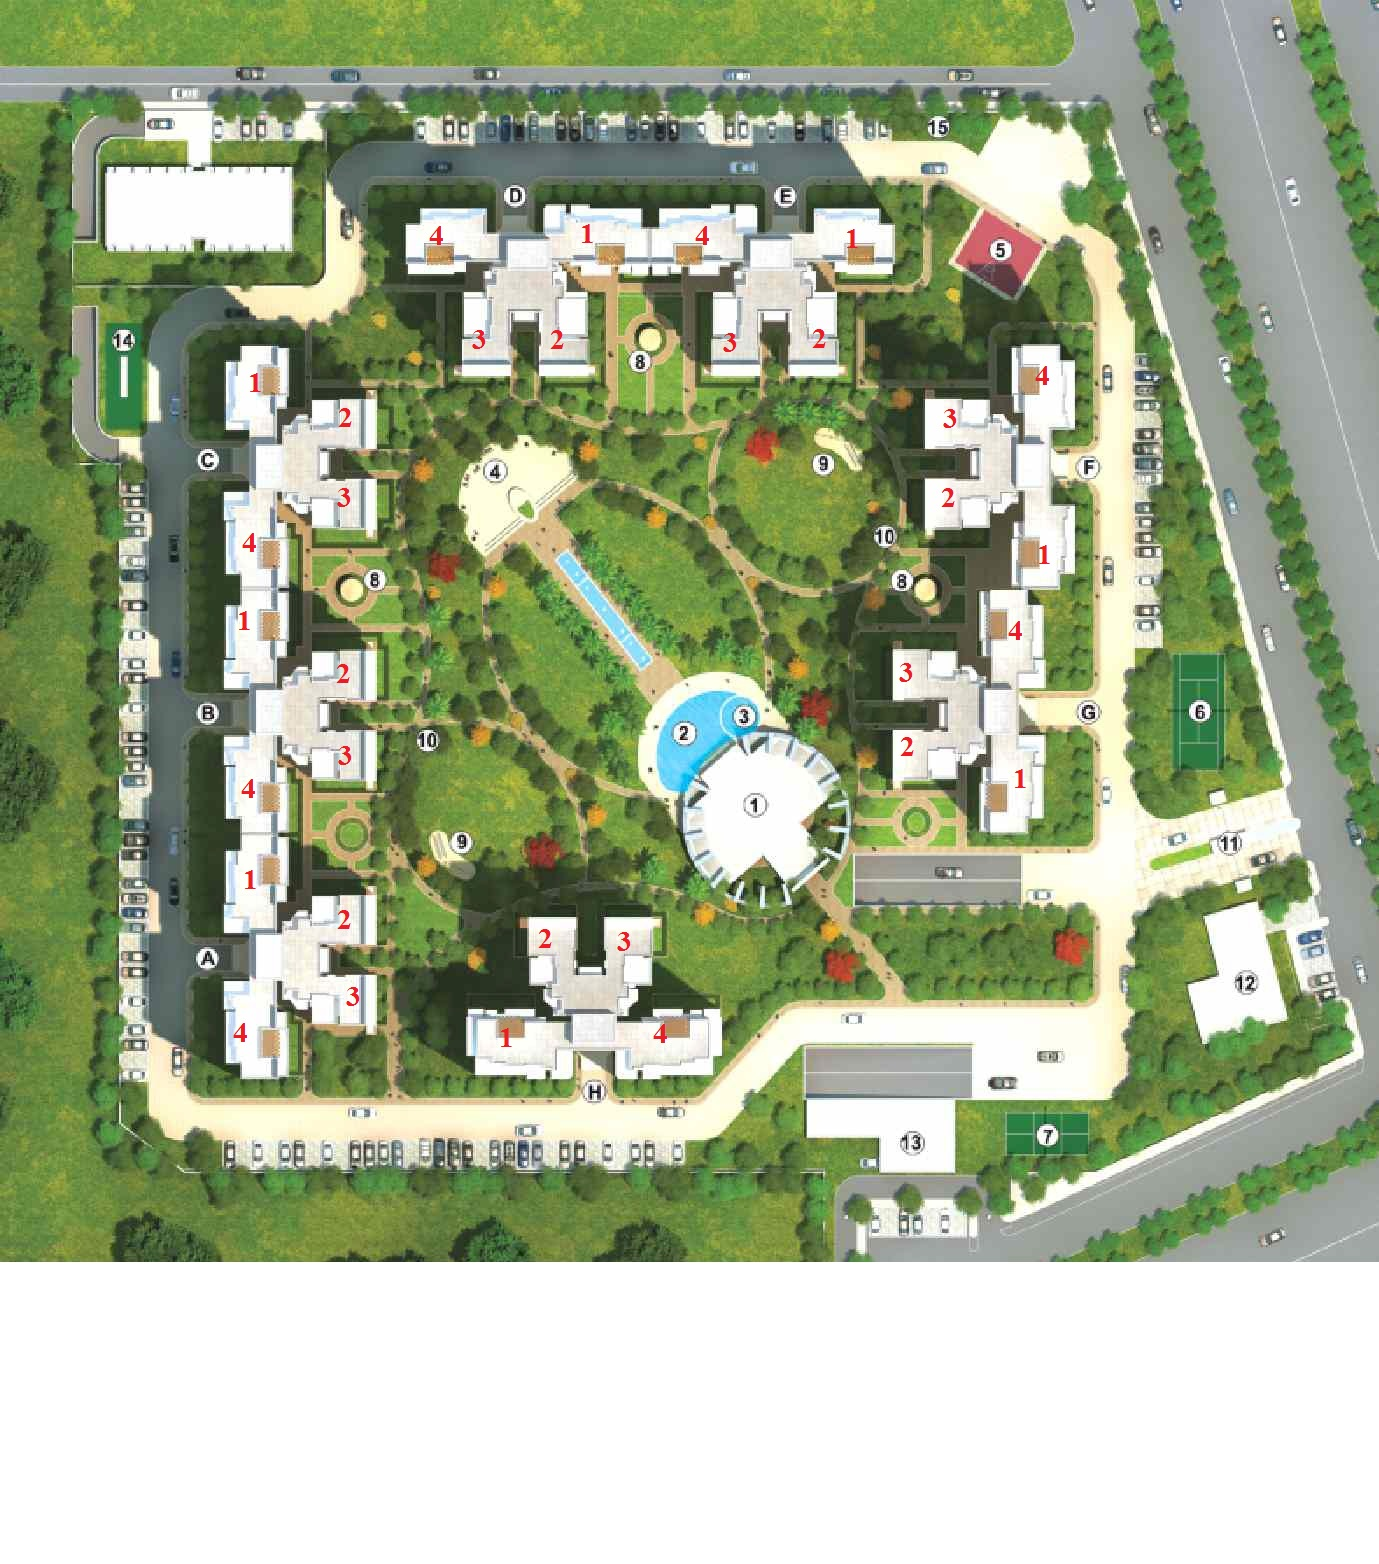 Security Park Apartments: Bestech Park View Sanskruti, Sector 92, Gurgaon